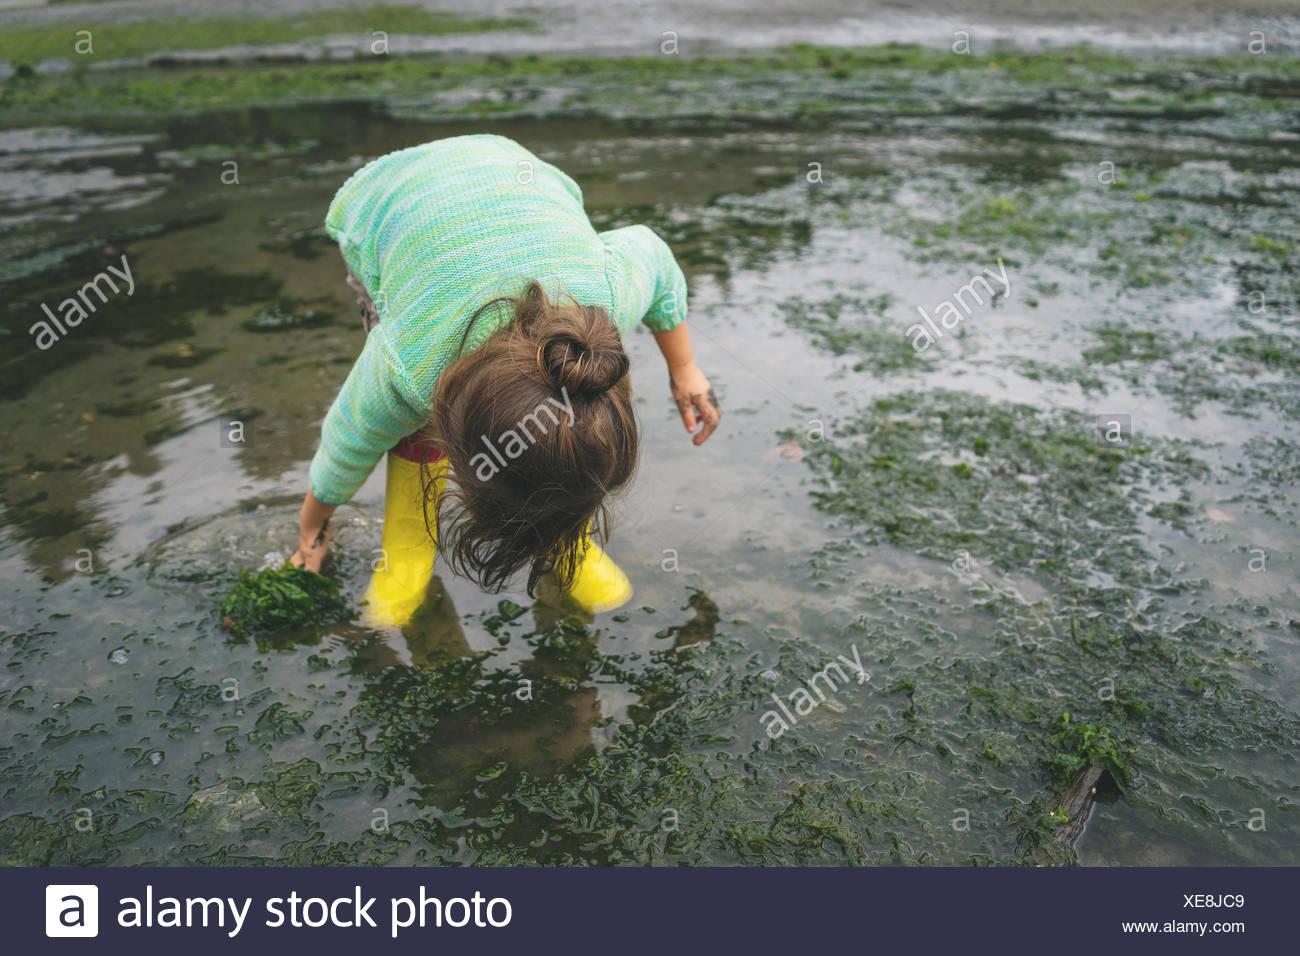 Chica recogiendo las algas en aguas superficiales Foto de stock